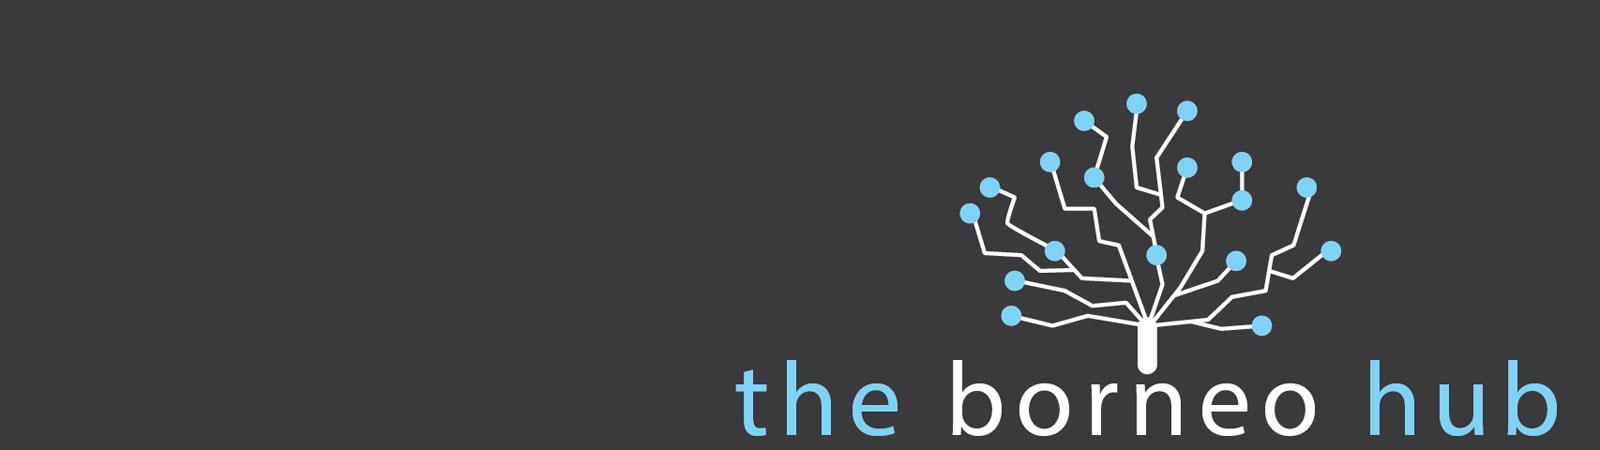 The Borneo Hub